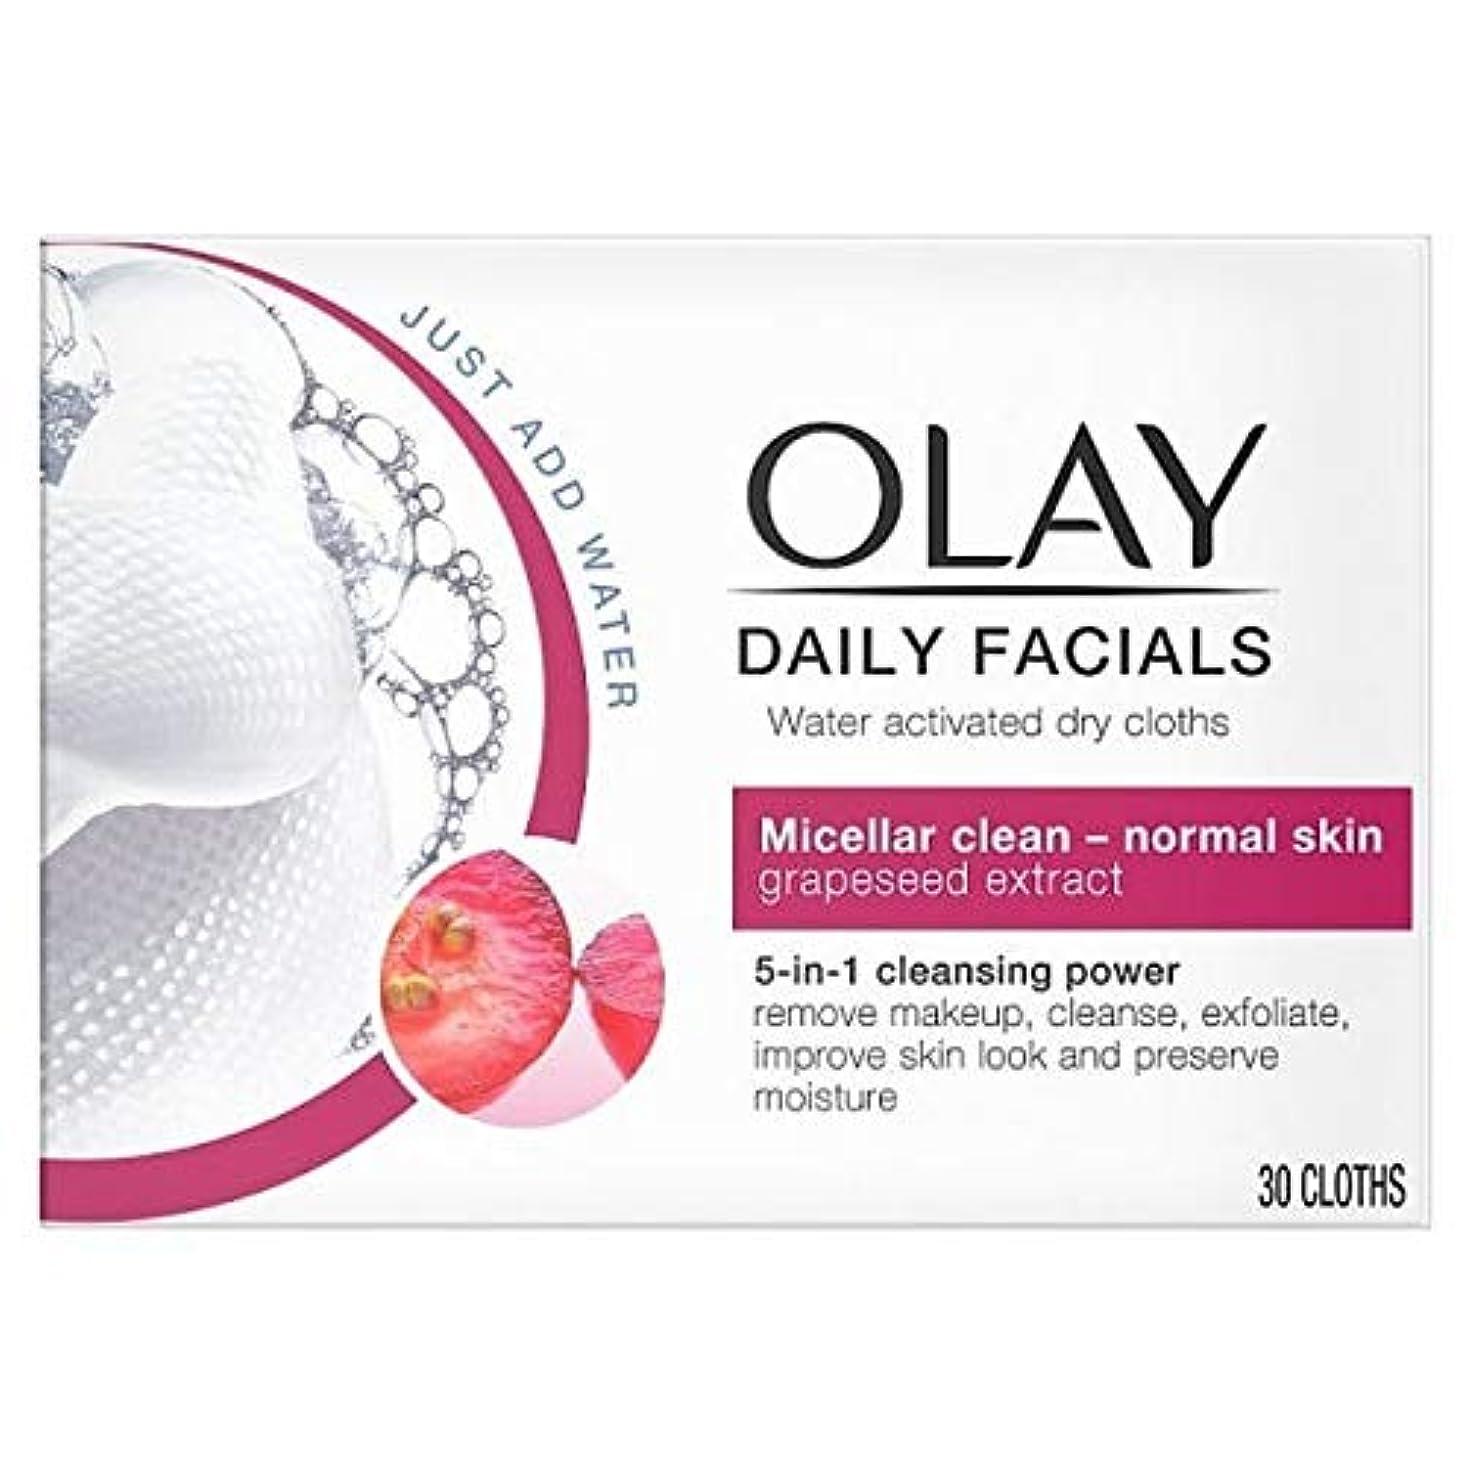 予想外不合格反応する[Olay ] オーレイ毎日フェイシャル5-In1は乾燥布 - 正常な皮膚 - Olay Daily Facials 5-in1 Dry Cloths - Normal Skin [並行輸入品]